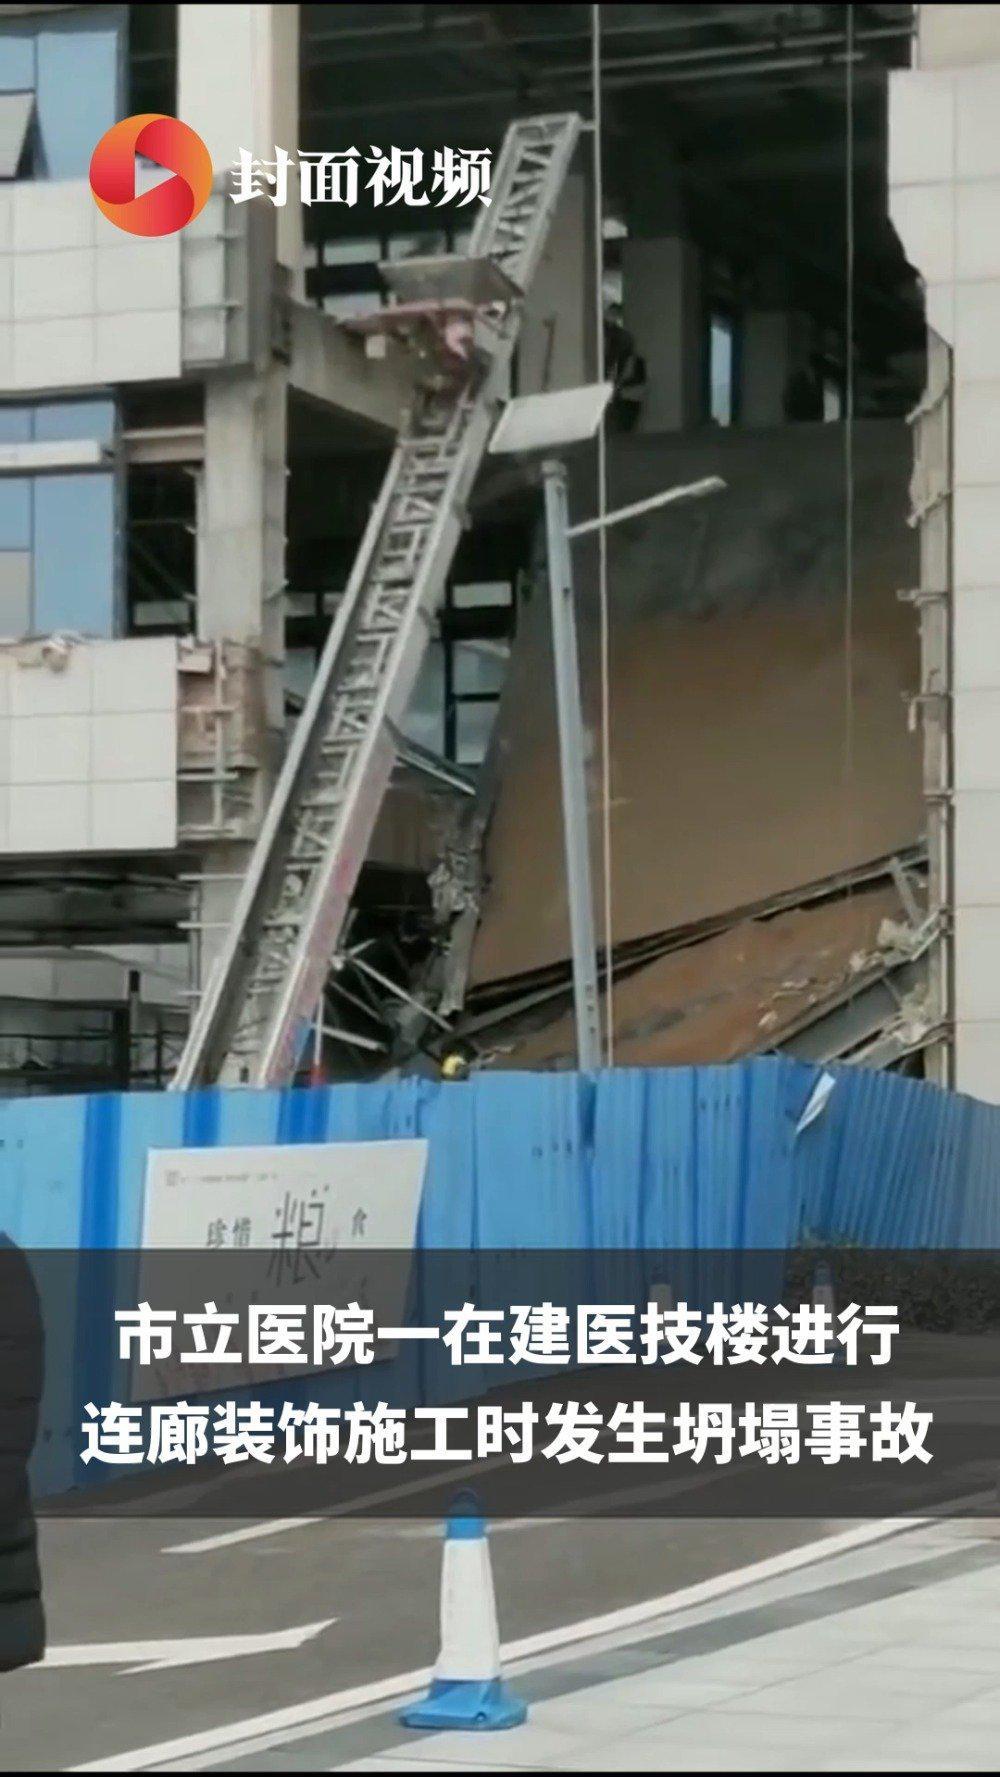 安徽一在建医院发生坍塌事故致3人轻伤